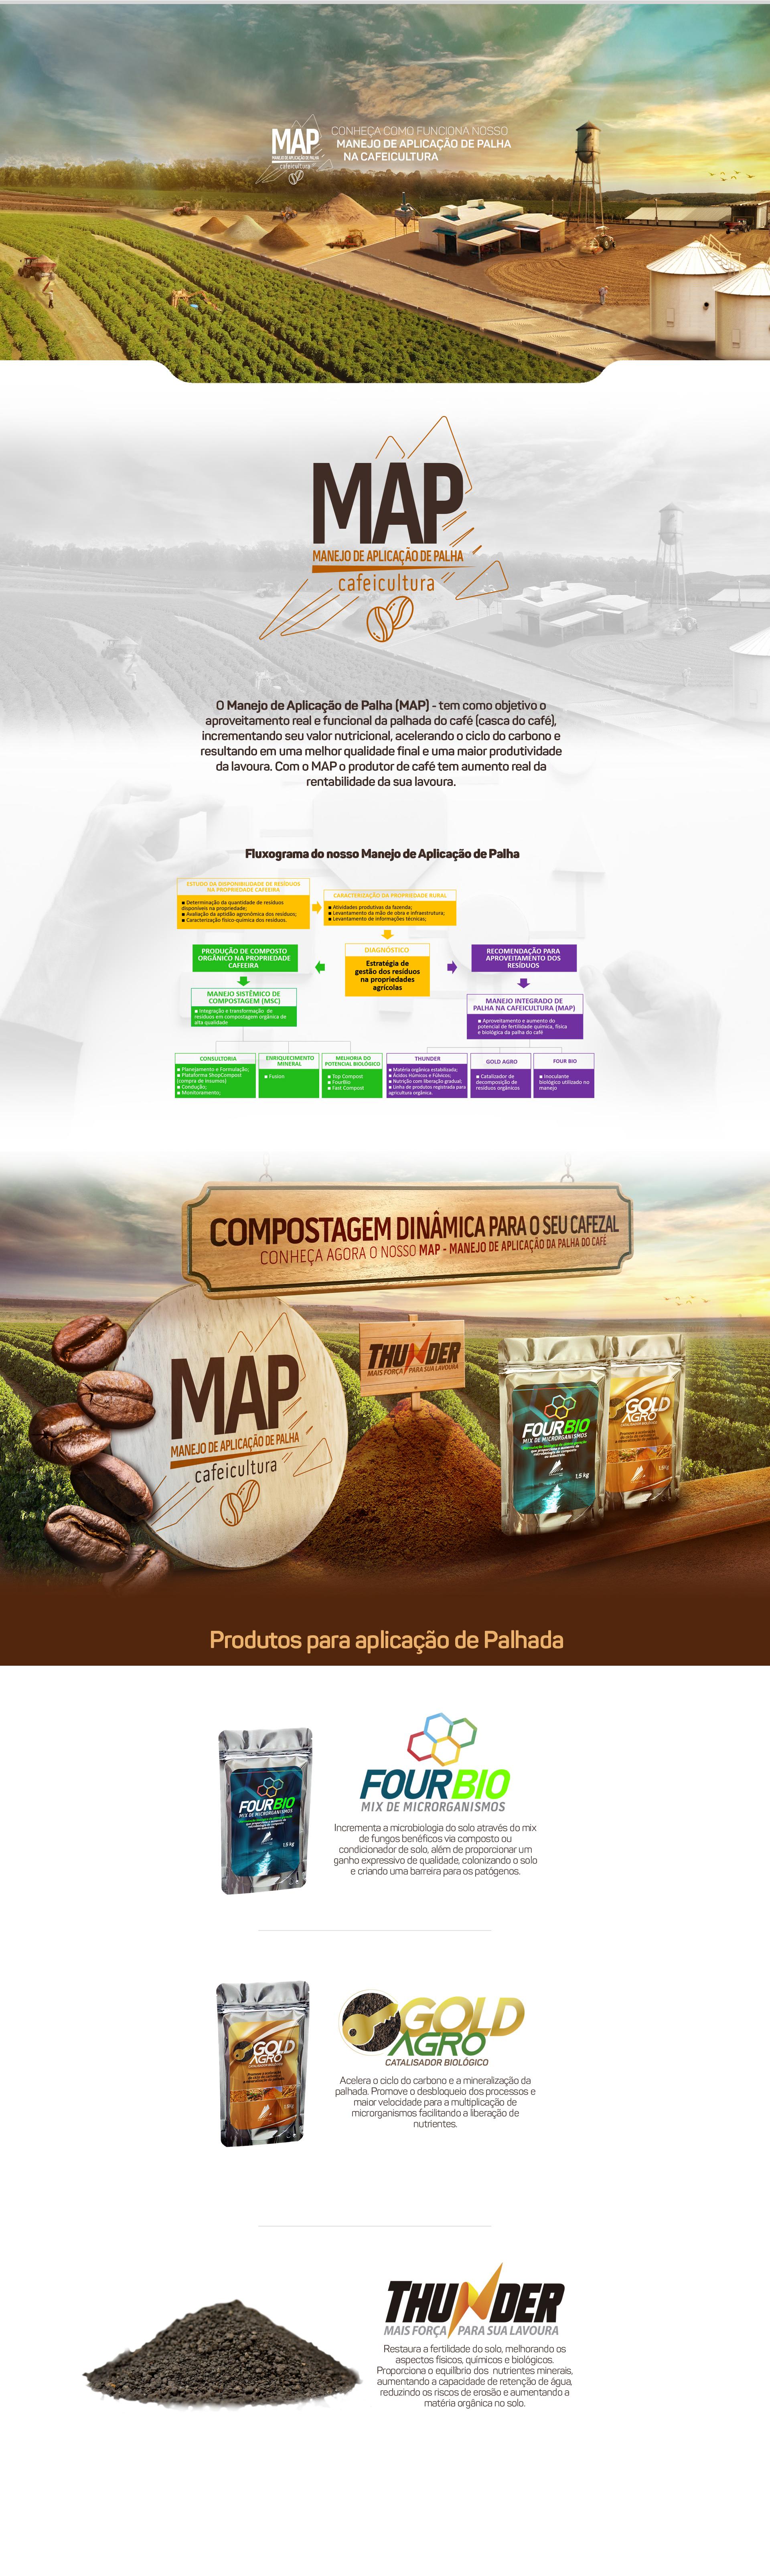 Aplicação     de Palha - Cafeicultura